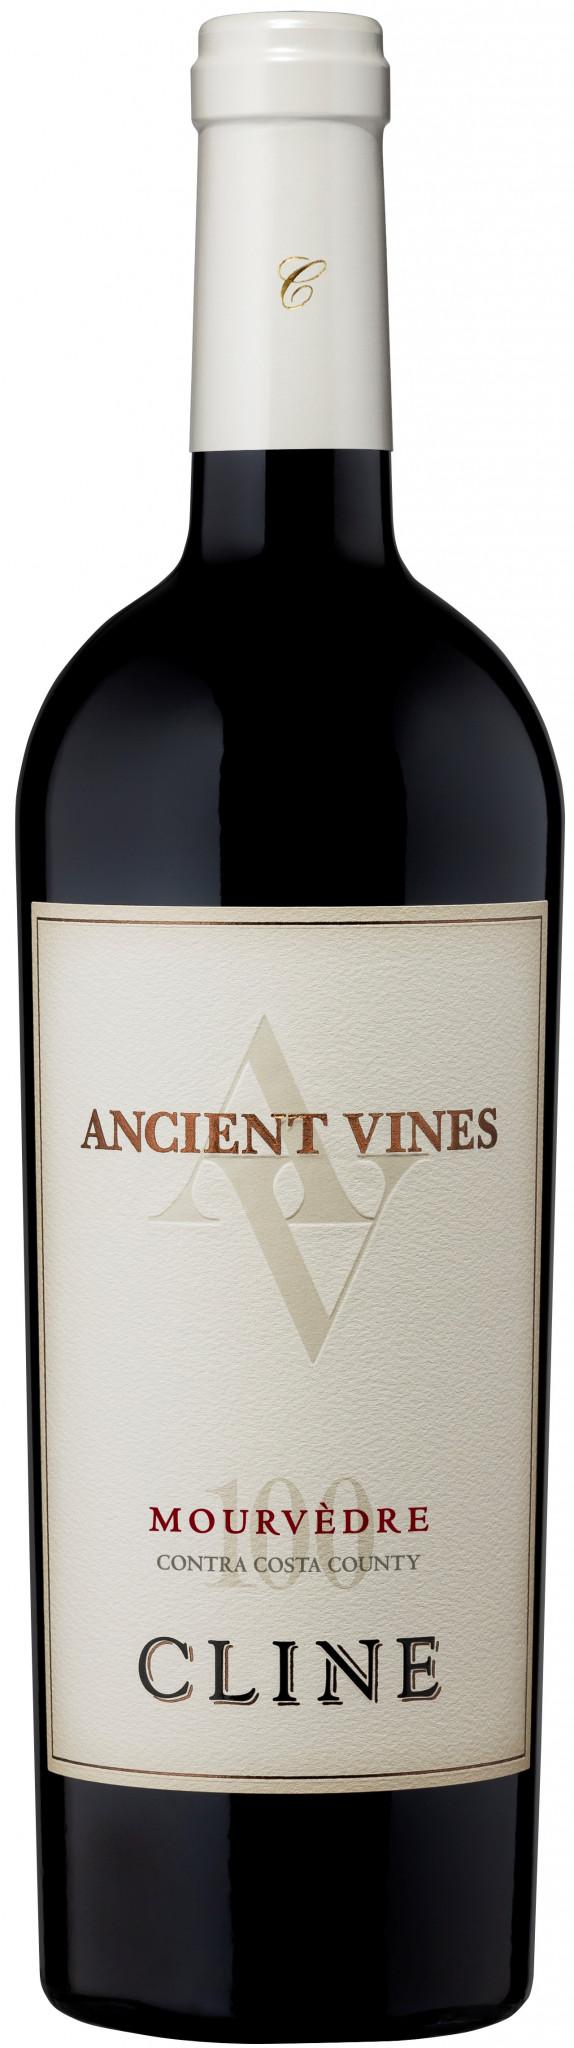 Cline Ancient Vines Mourvédre - wineaffair